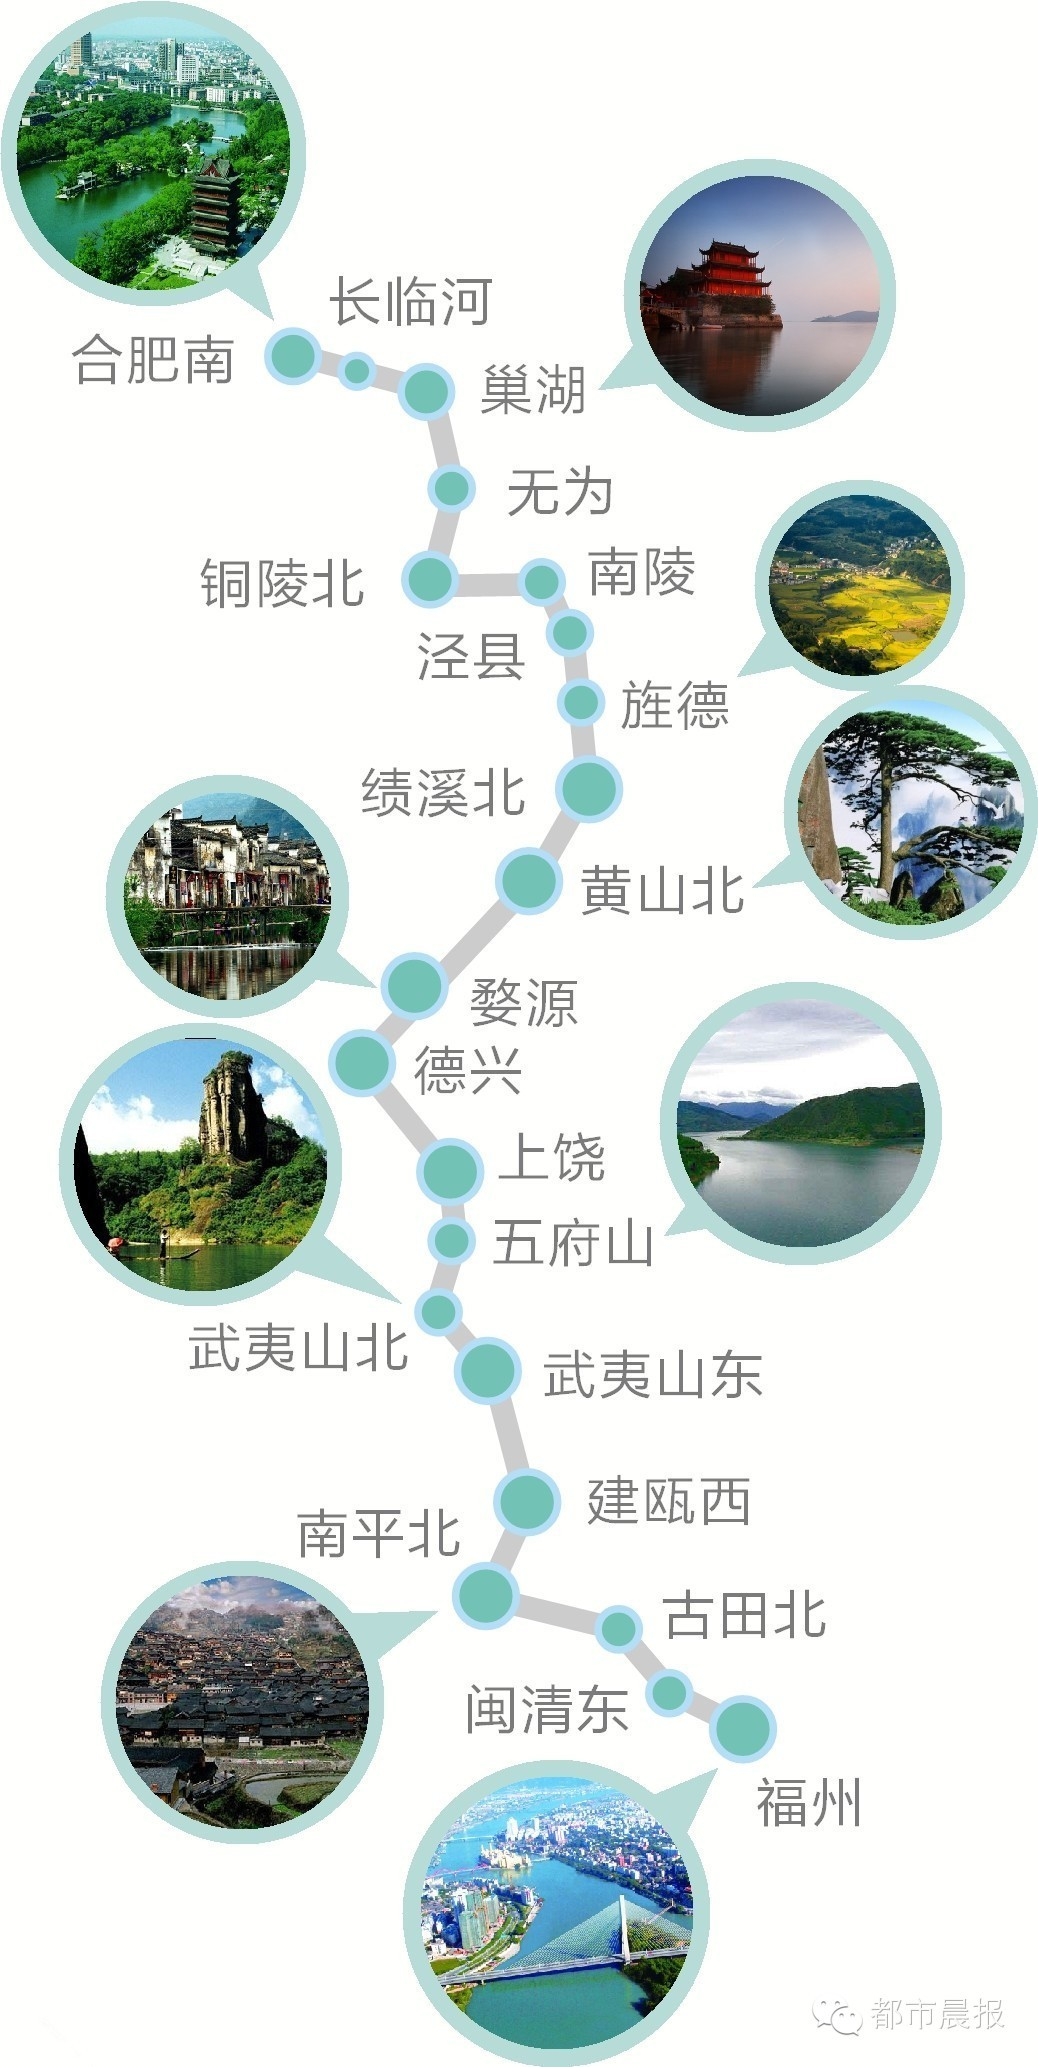 7月从徐州出发搭中国最美高铁看风景!